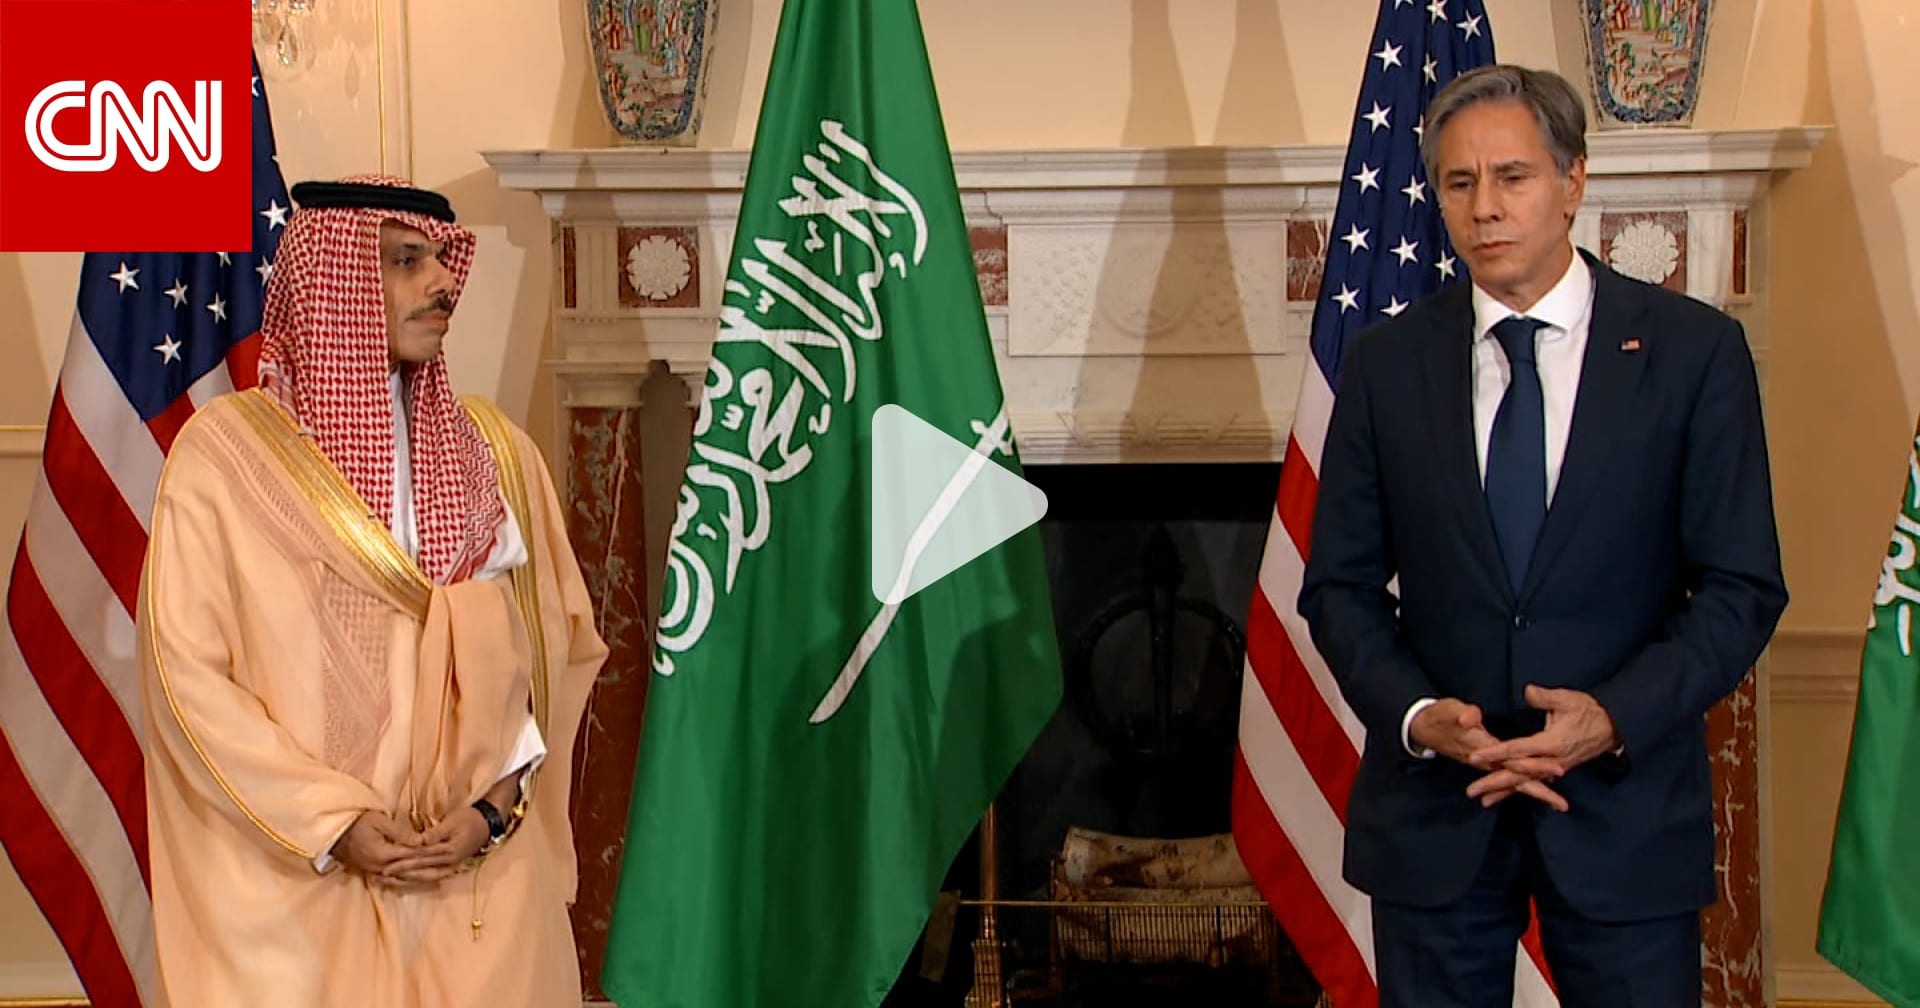 بلينكن: ملتزمون بالدفاع عن السعودية.. وفيصل بن فرحان: شراكتنا قوية